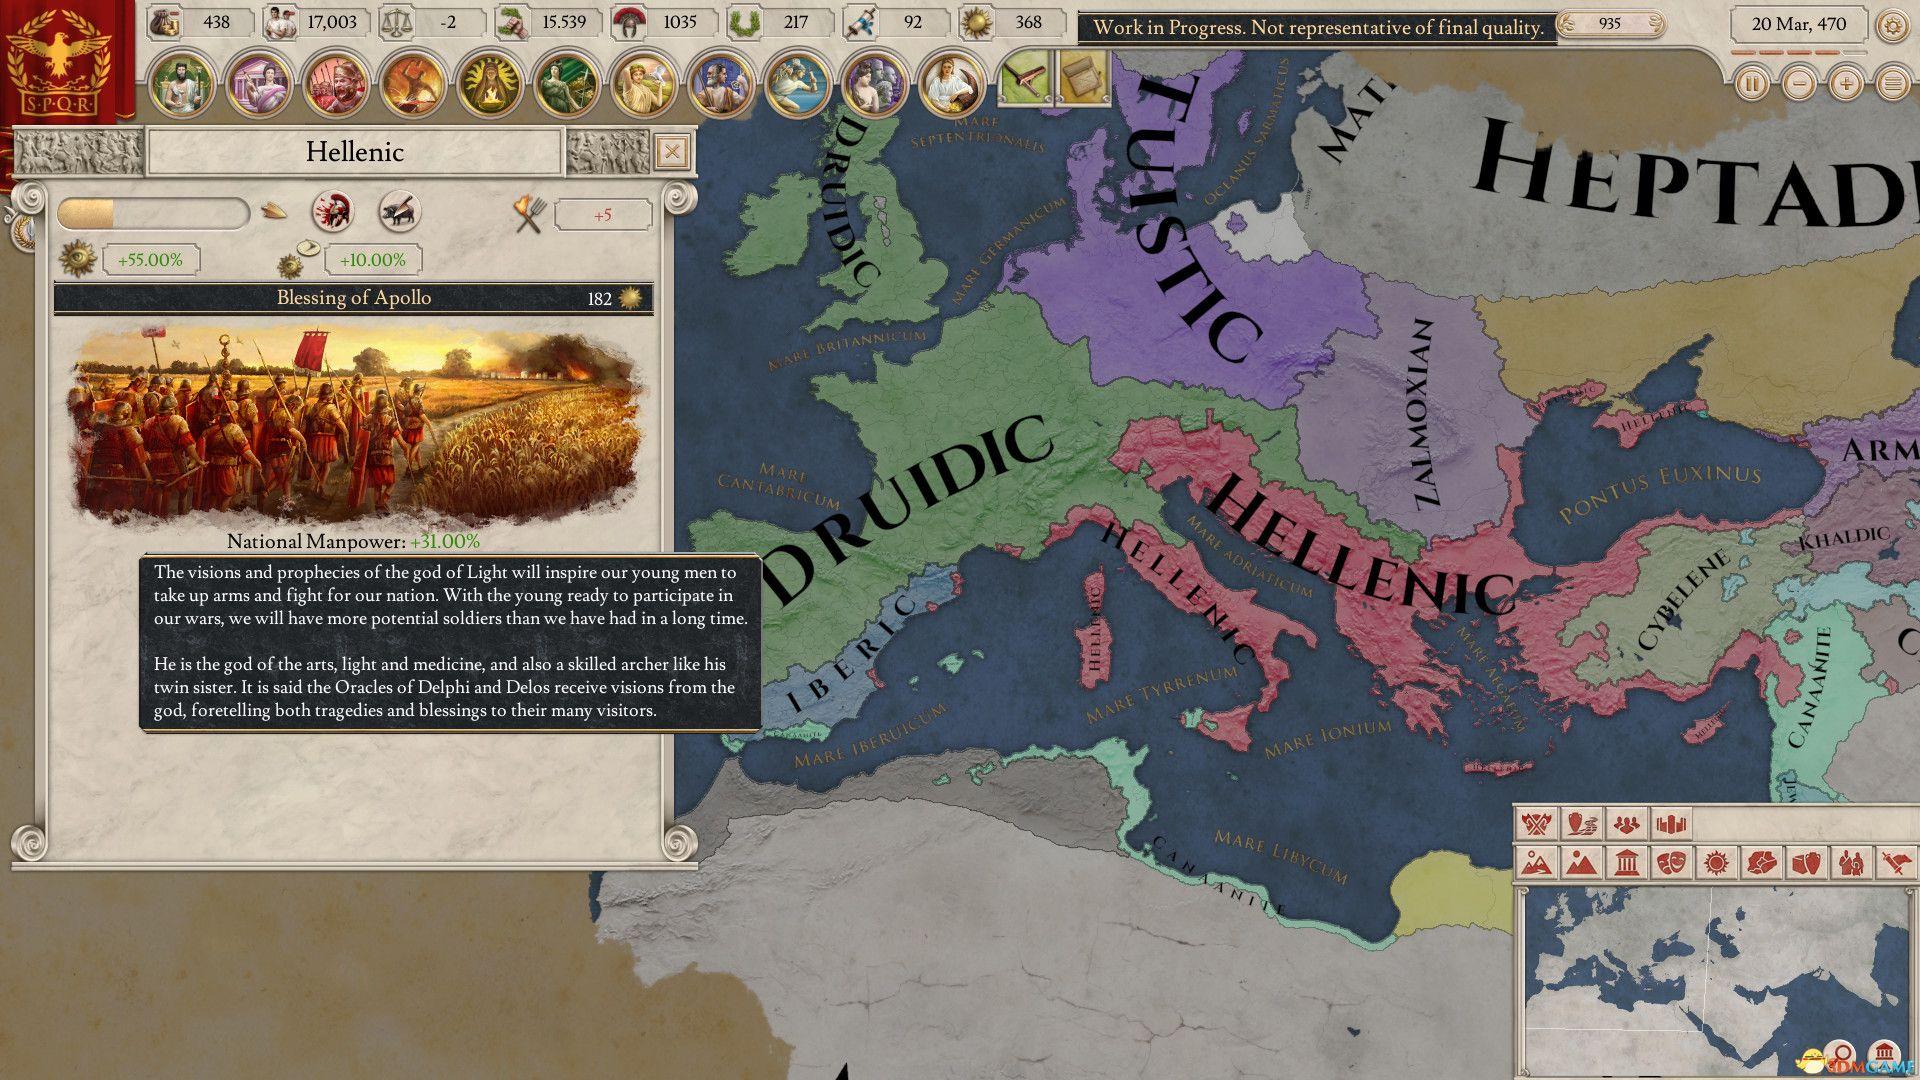 策略游戏《大将军:罗马》官方中文PC豪华版下载